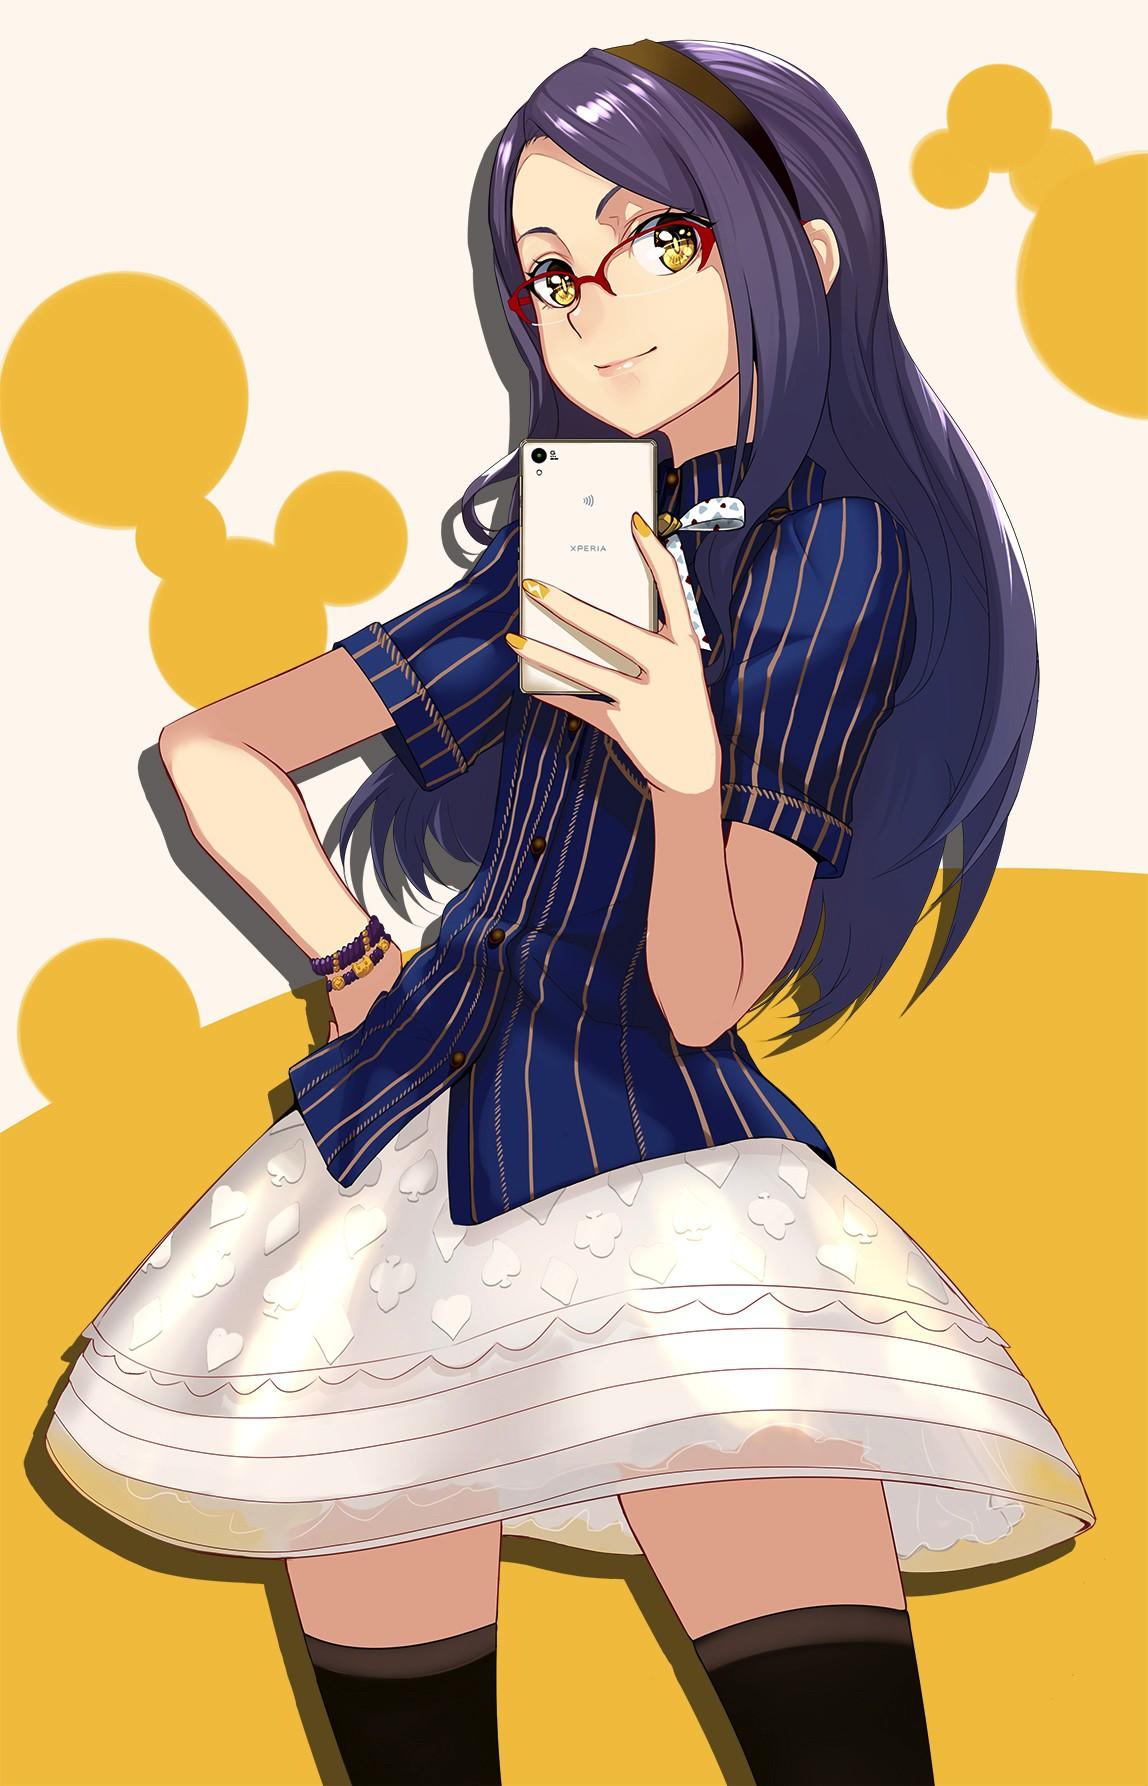 Wallpaper Illustration Anime Girls Glasses Cartoon Black